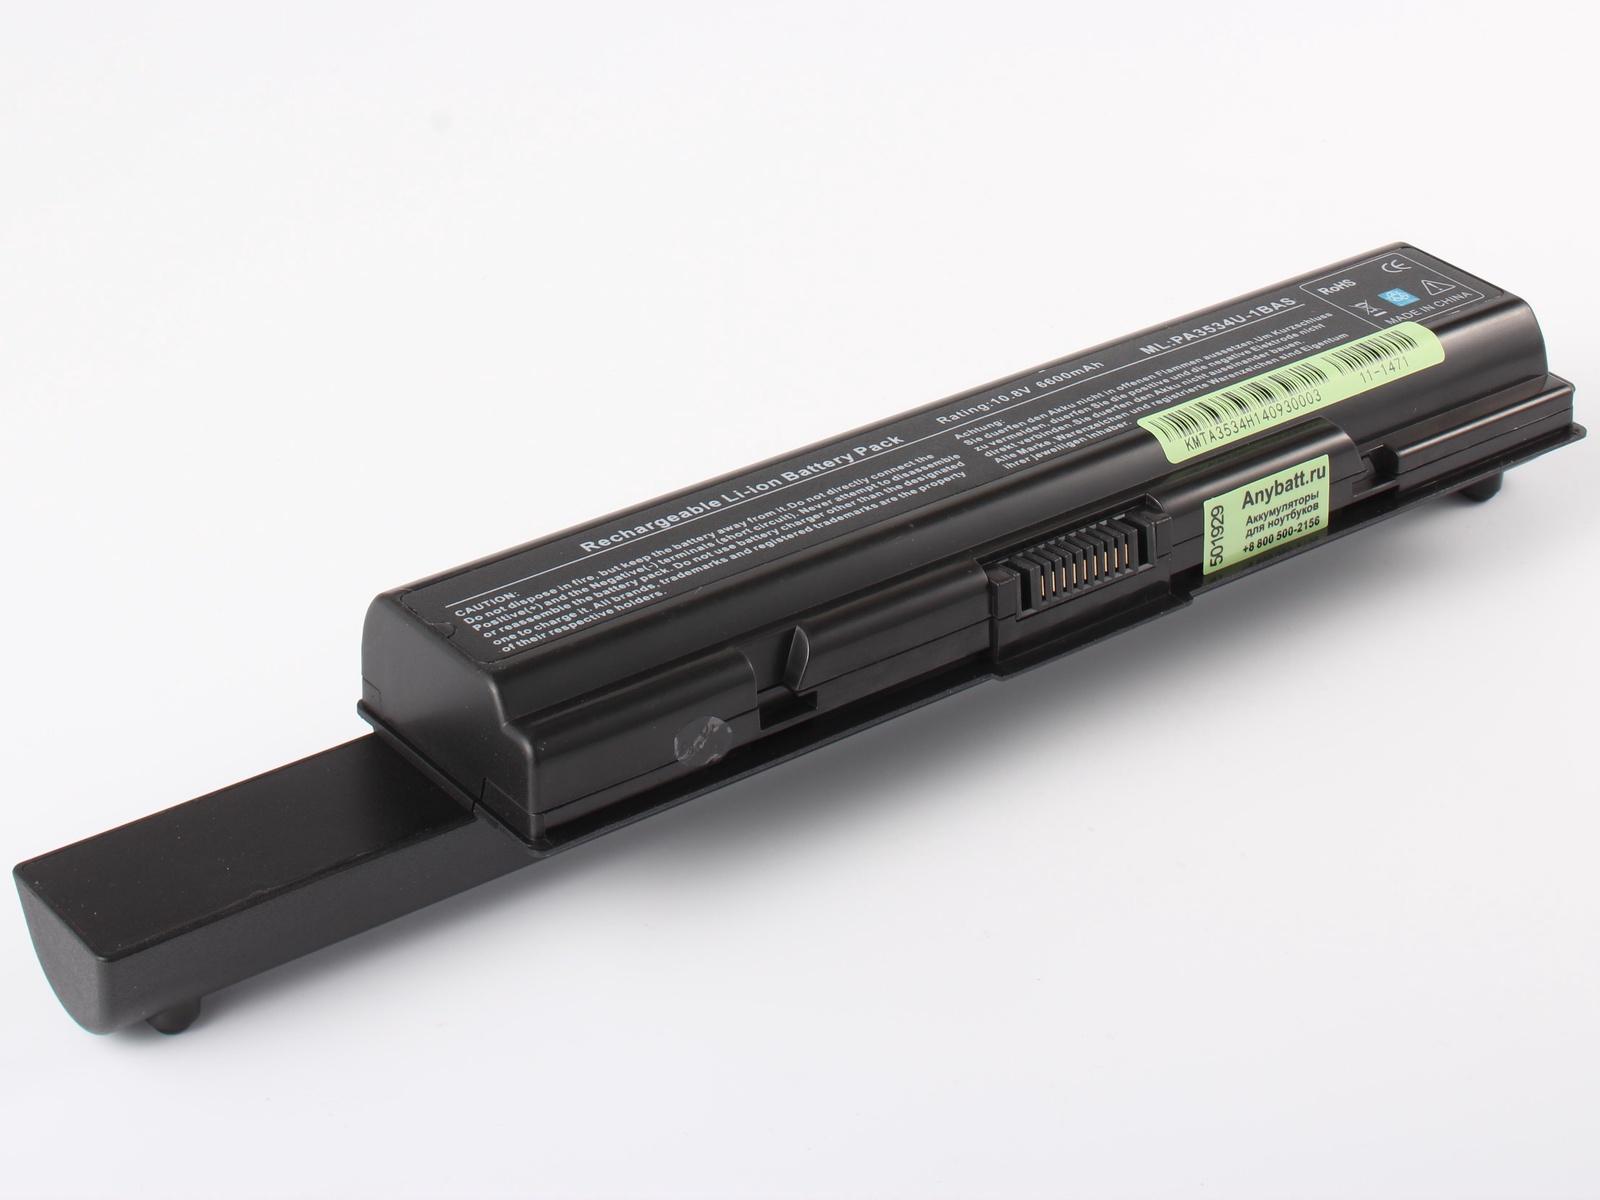 Аккумулятор для ноутбука AnyBatt для ToshiBa Satellite A300-1OG, Satellite A300-20J, Satellite A300-245, Satellite A300D-16W, Satellite A300-ST3512, Satellite A350-11N, Satellite A350-200, Satellite A500-136, Satellite A500-1G1 цены онлайн